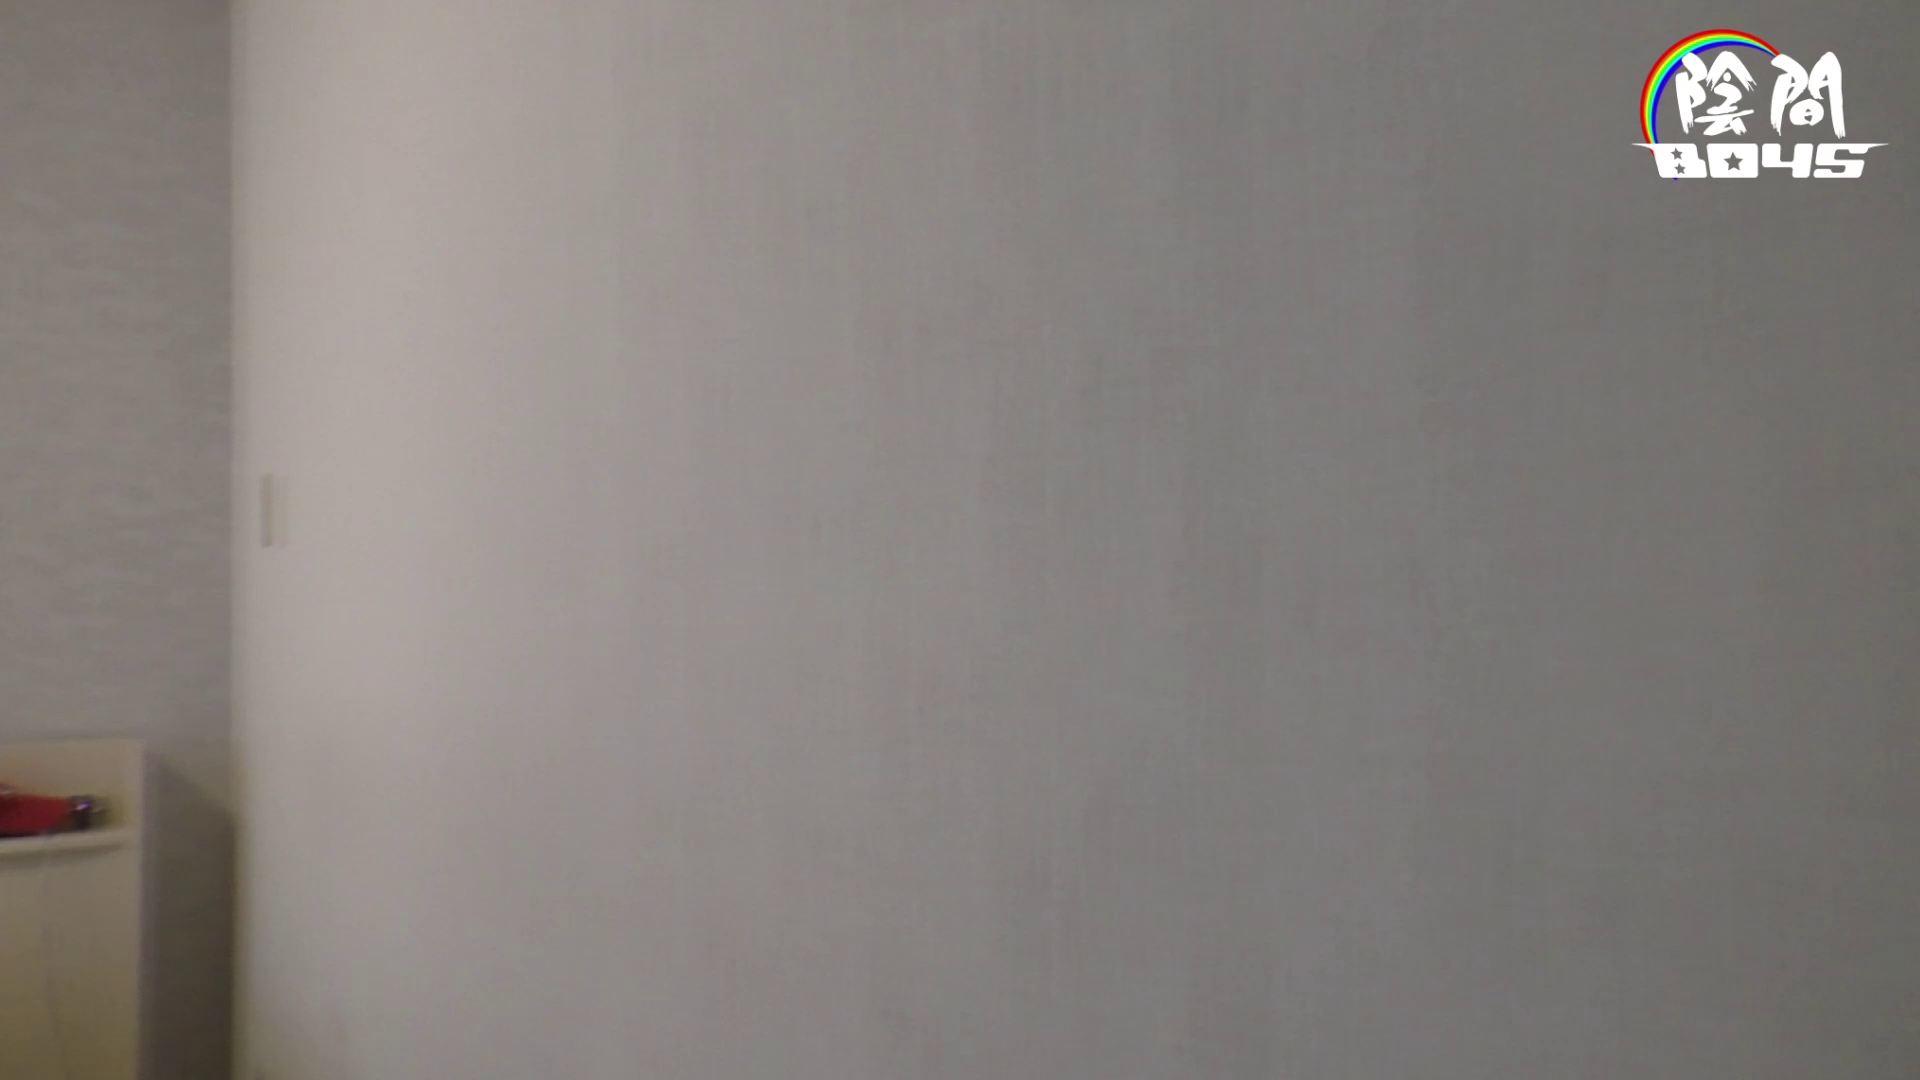 「君のアナルは」part1 ~ノンケの掟破り~Vol.03 無修正 ゲイエロビデオ画像 81pic 79